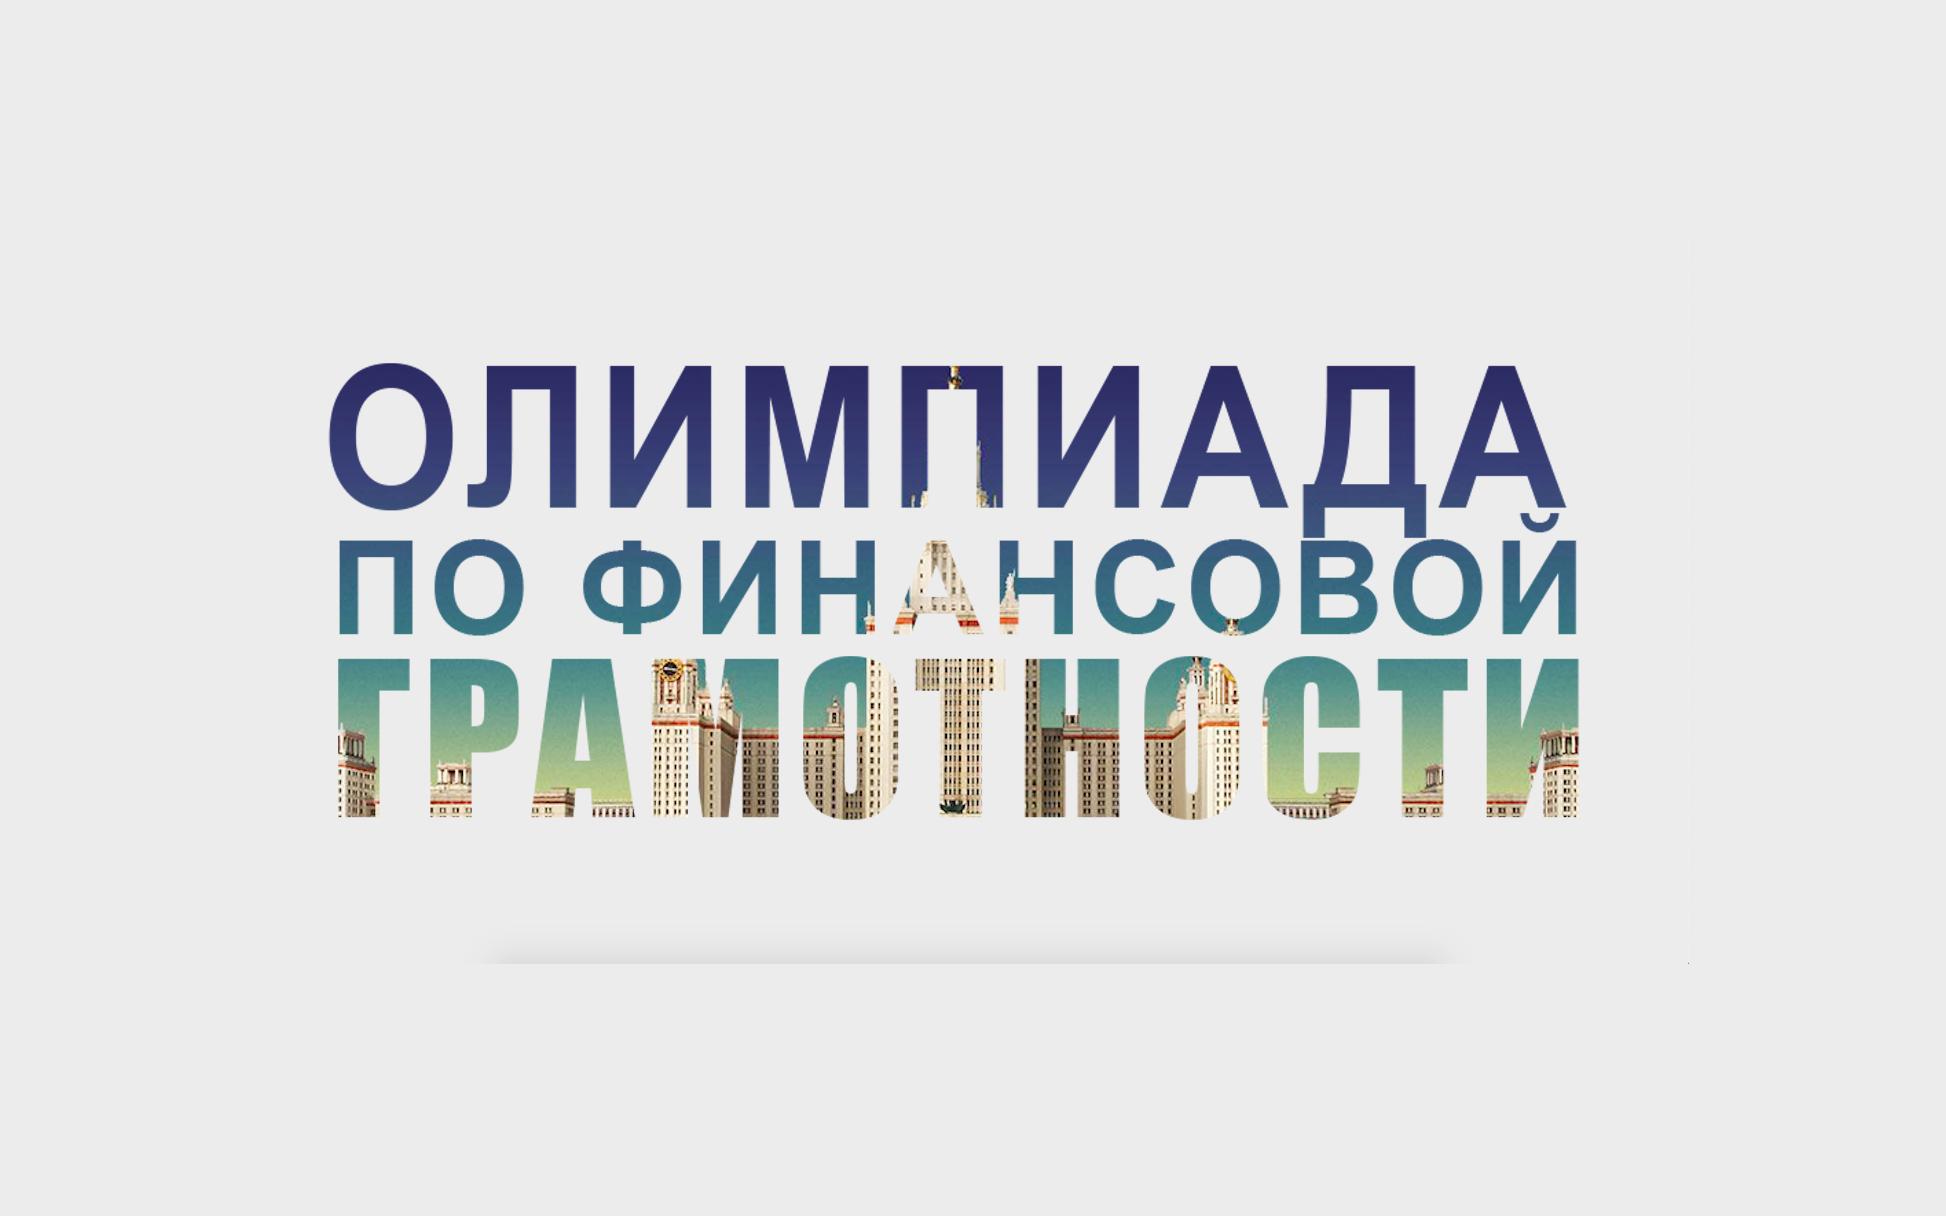 Студентов Алтайского края приглашают к участию во всероссийской олимпиаде по финансовой грамотности